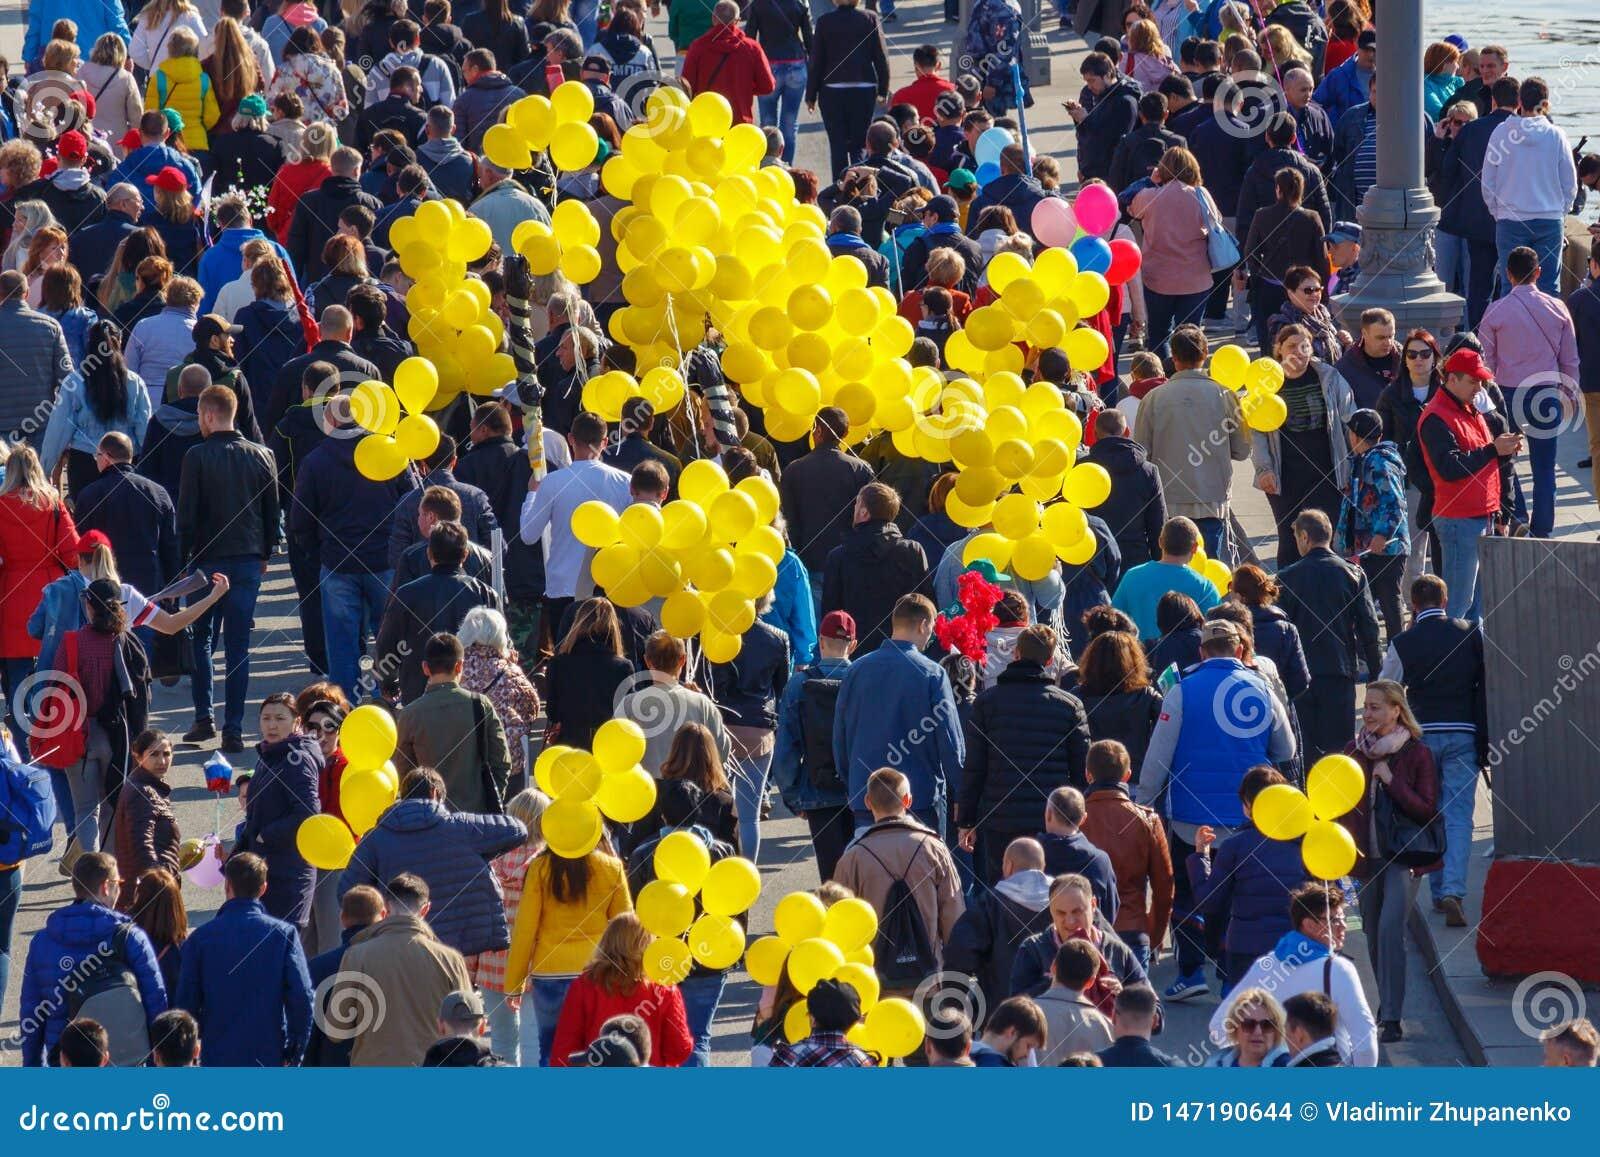 Moskva Ryssland - Maj 01, 2019: Folk med gula ballonger på den Kremlevskaya invallningen Demonstration f?r Maj dag i Moskva